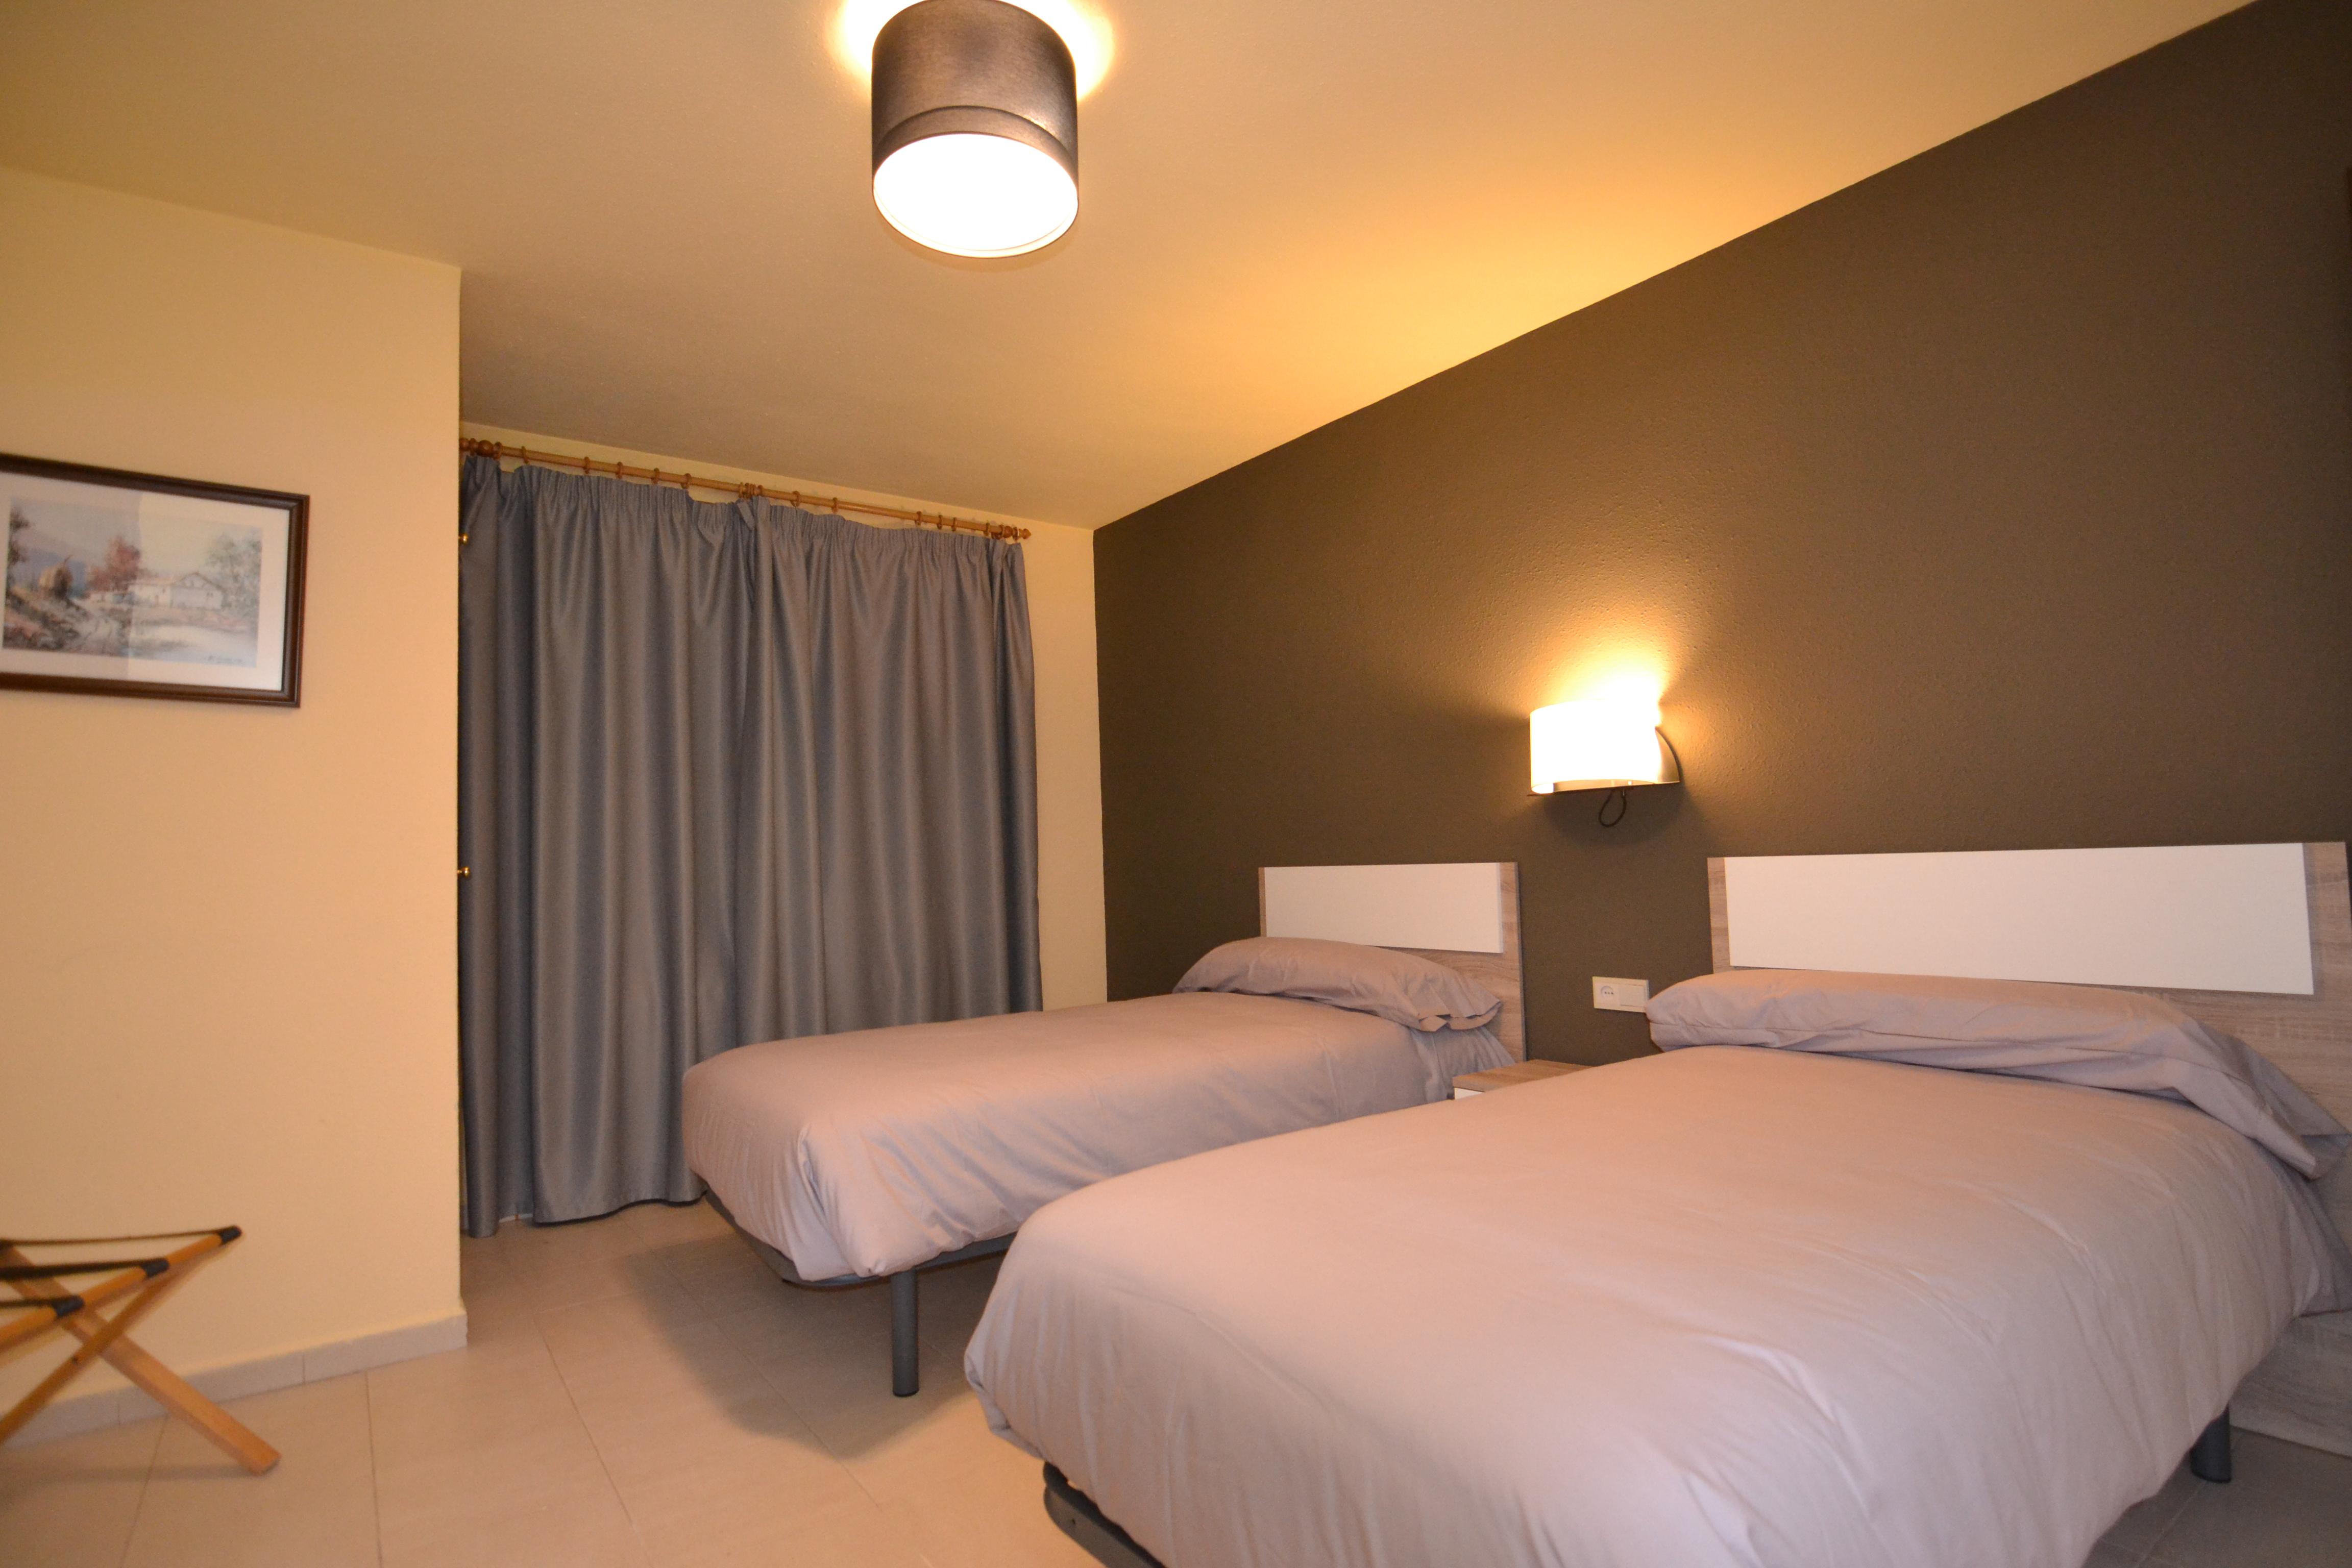 apartaments_poblado_arinsal_vallnord_4_personas14.jpg